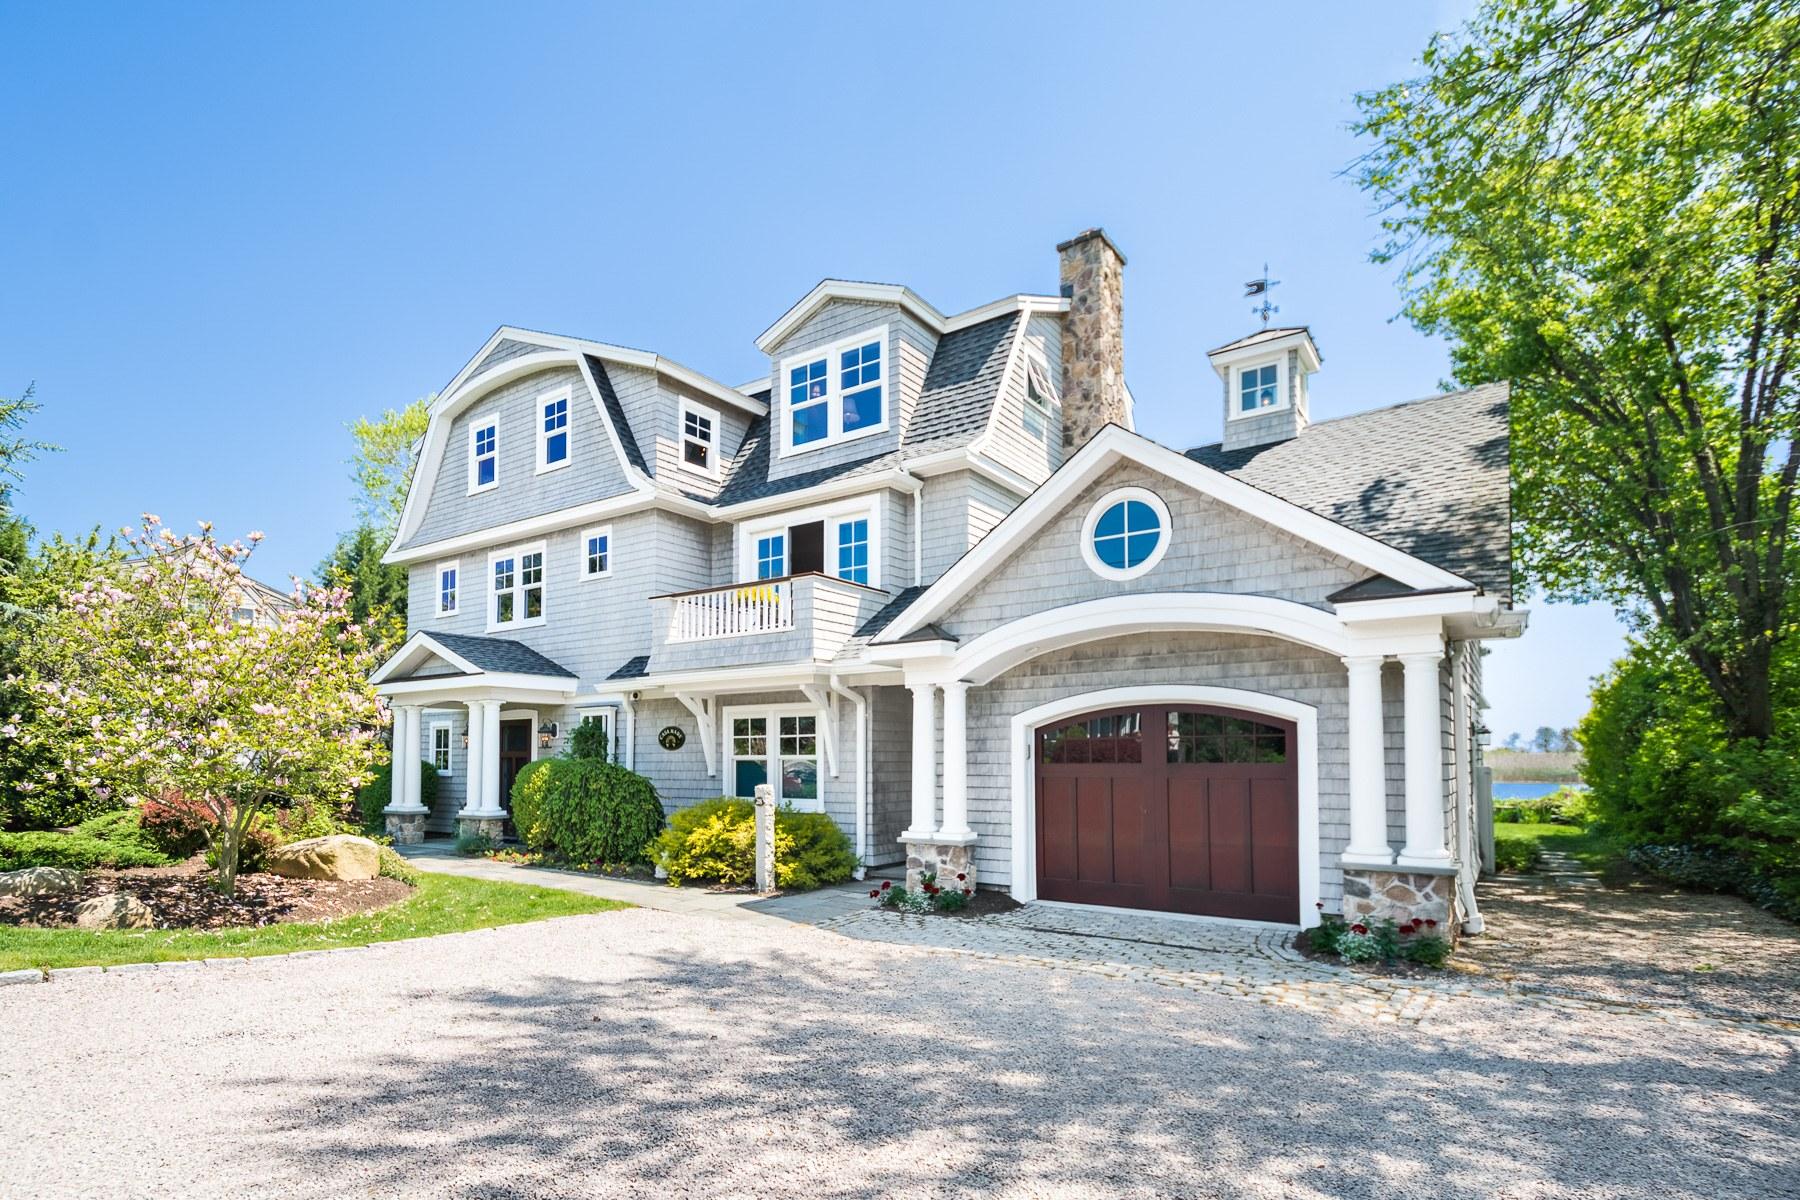 Μονοκατοικία για την Πώληση στο 28 Highland Rd, Charlestown, RI Charlestown, Ροουντ Αϊλαντ 02813 Ηνωμένες Πολιτείες